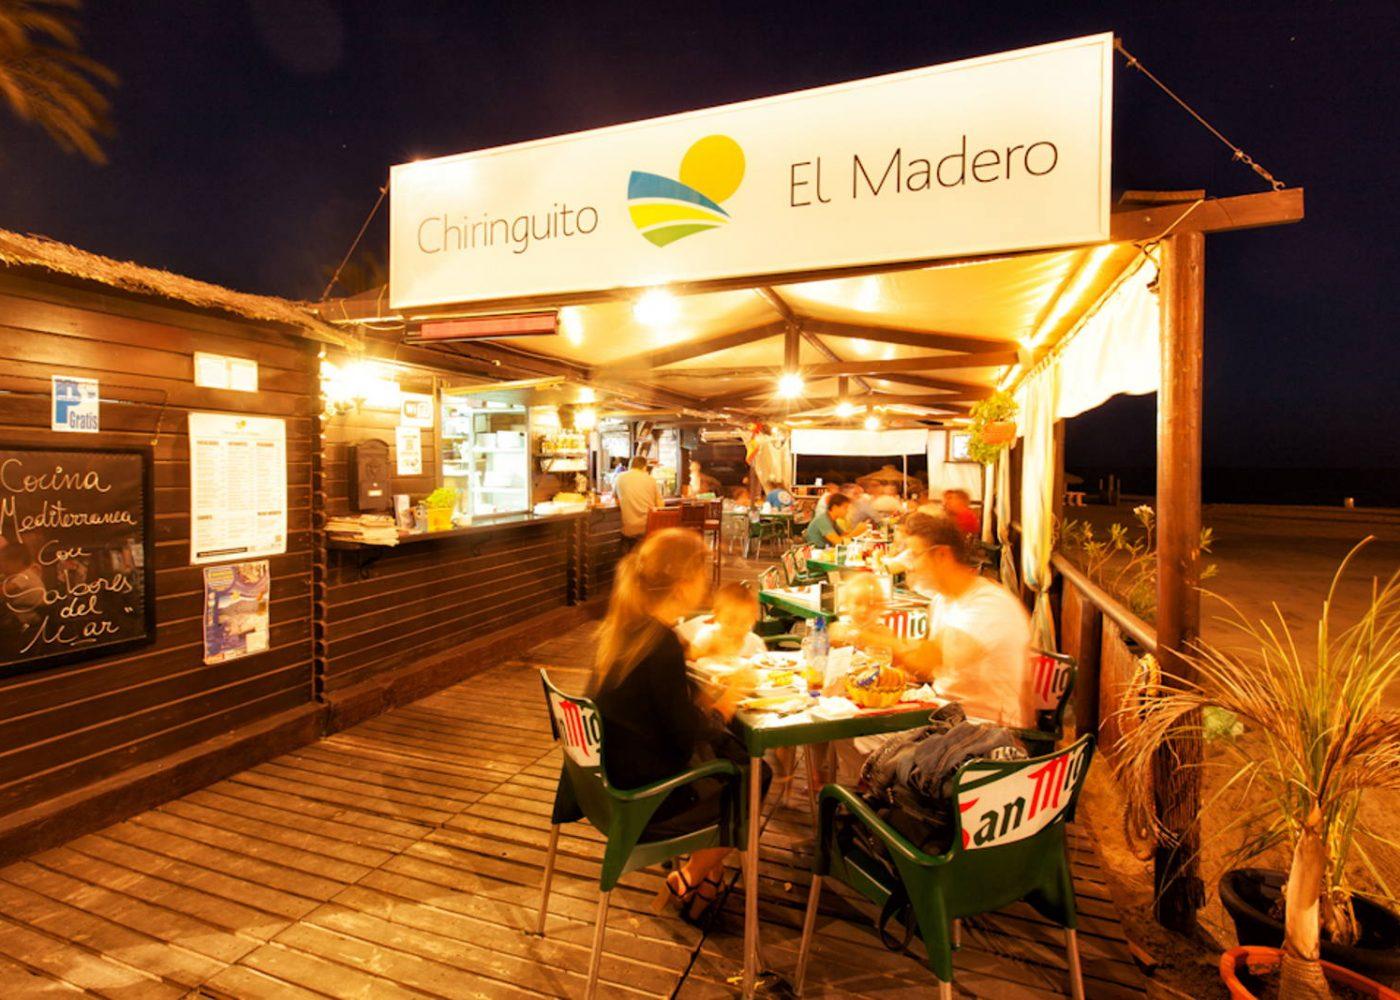 Chiringuito El Madero